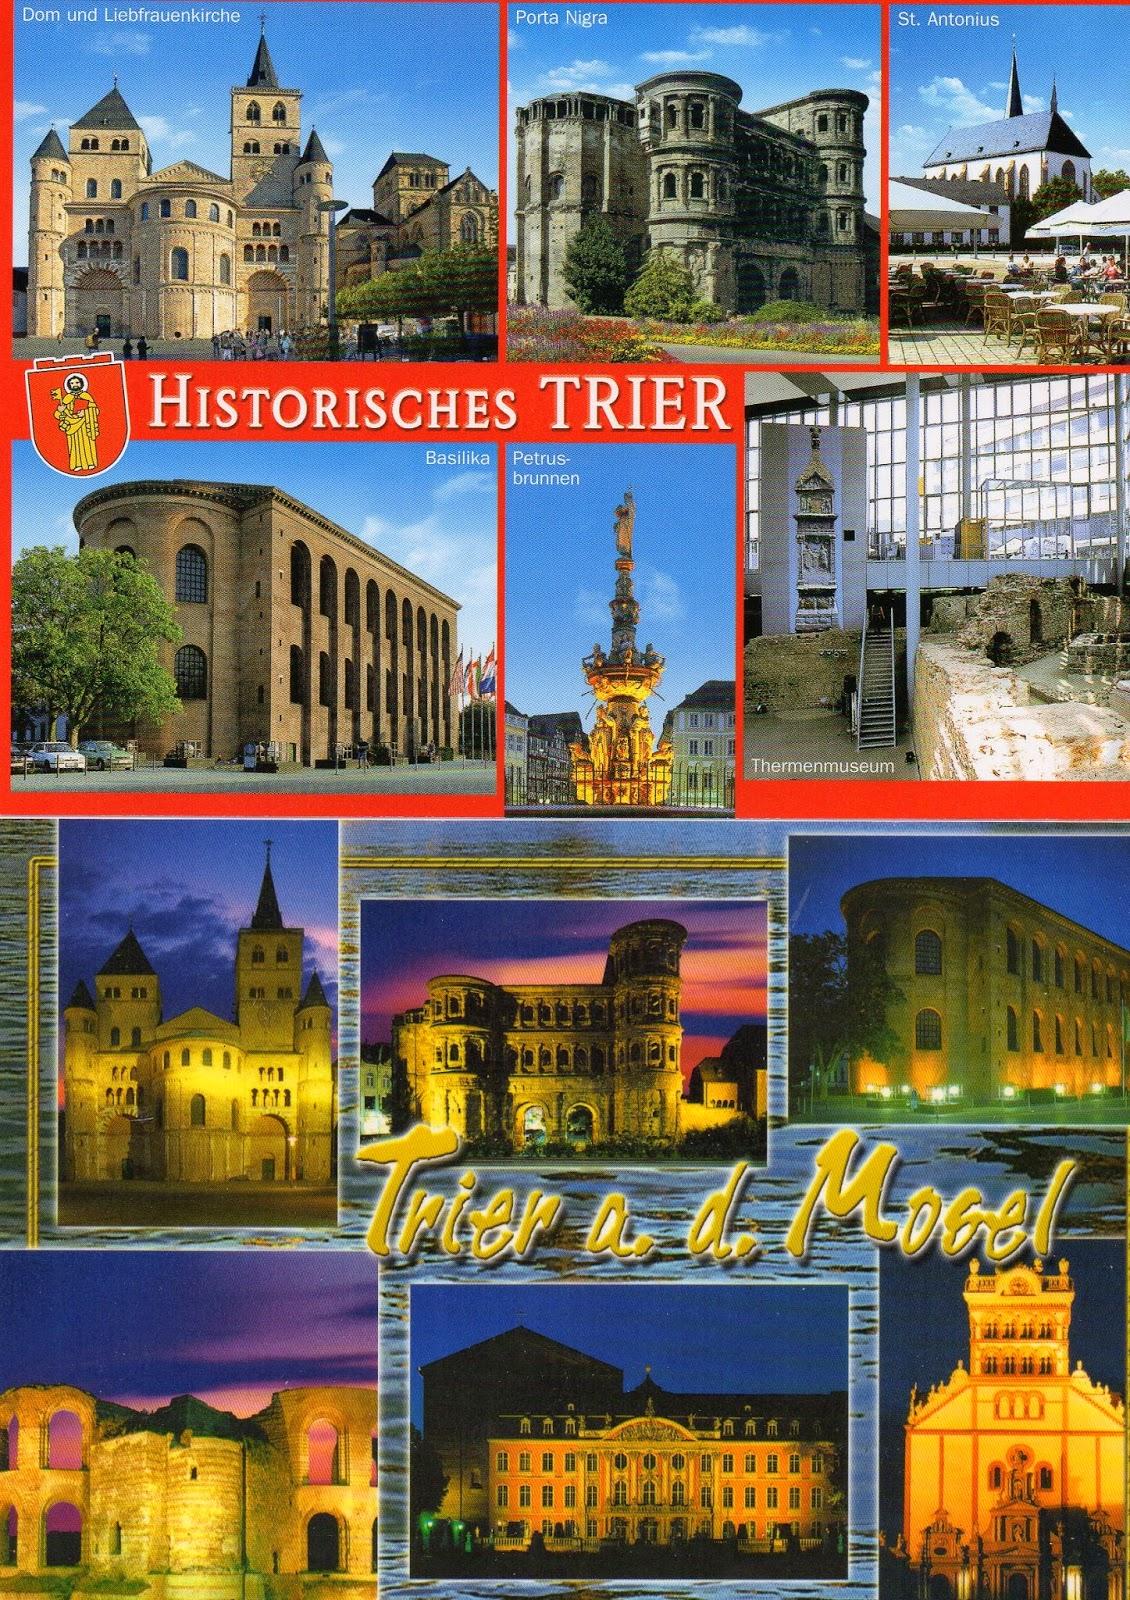 Trier, Alemanha